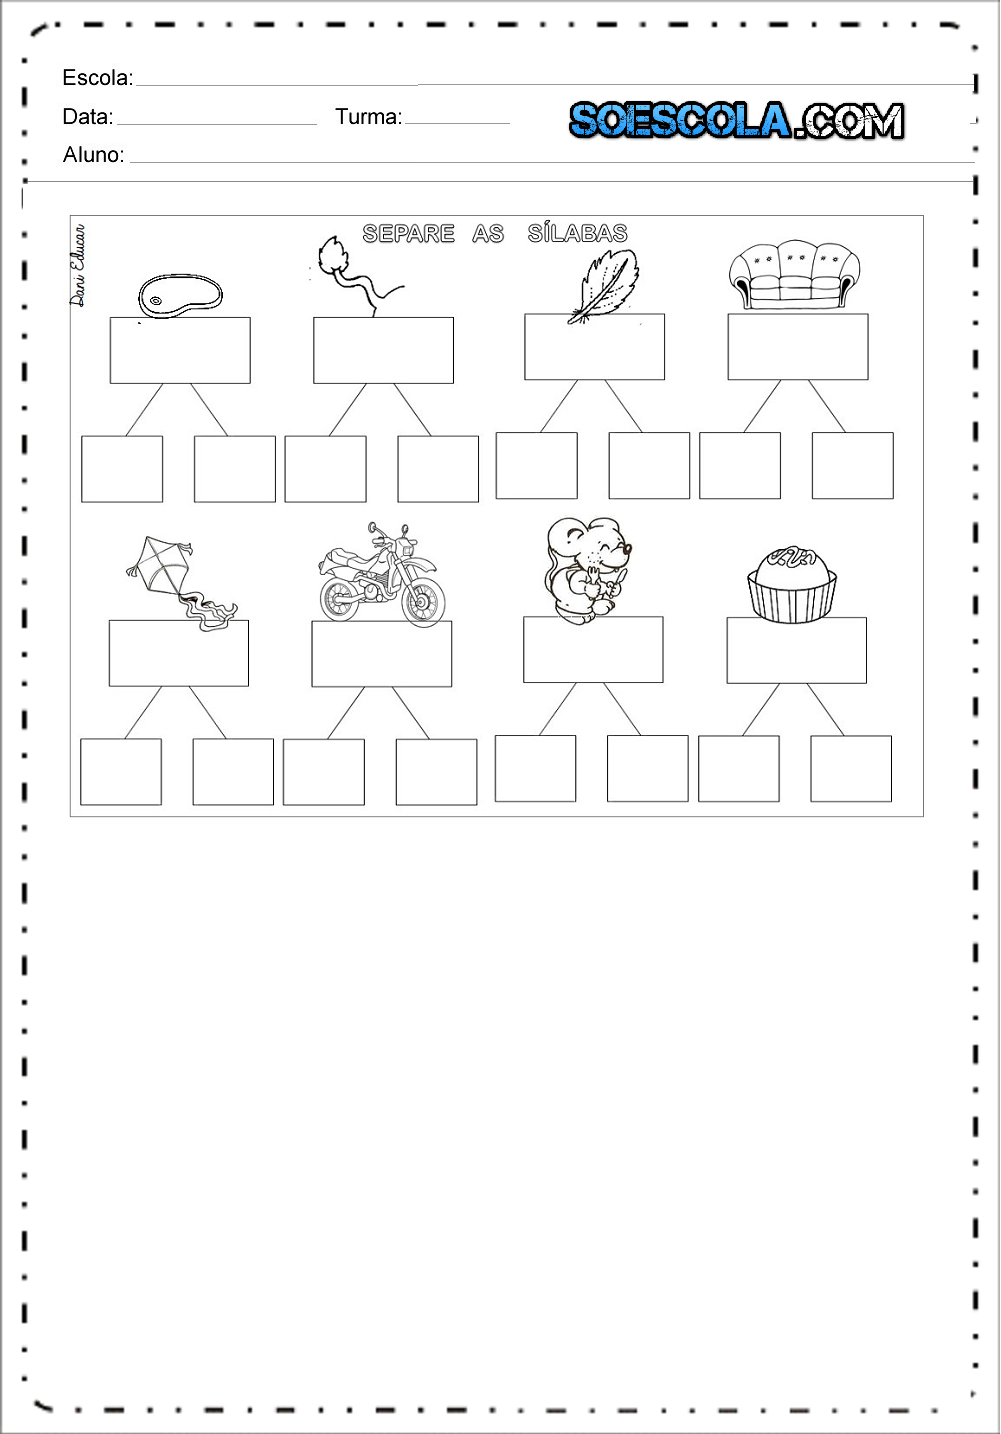 Atividades de Separação de Sílabas - Divisão Silábica para imprimir